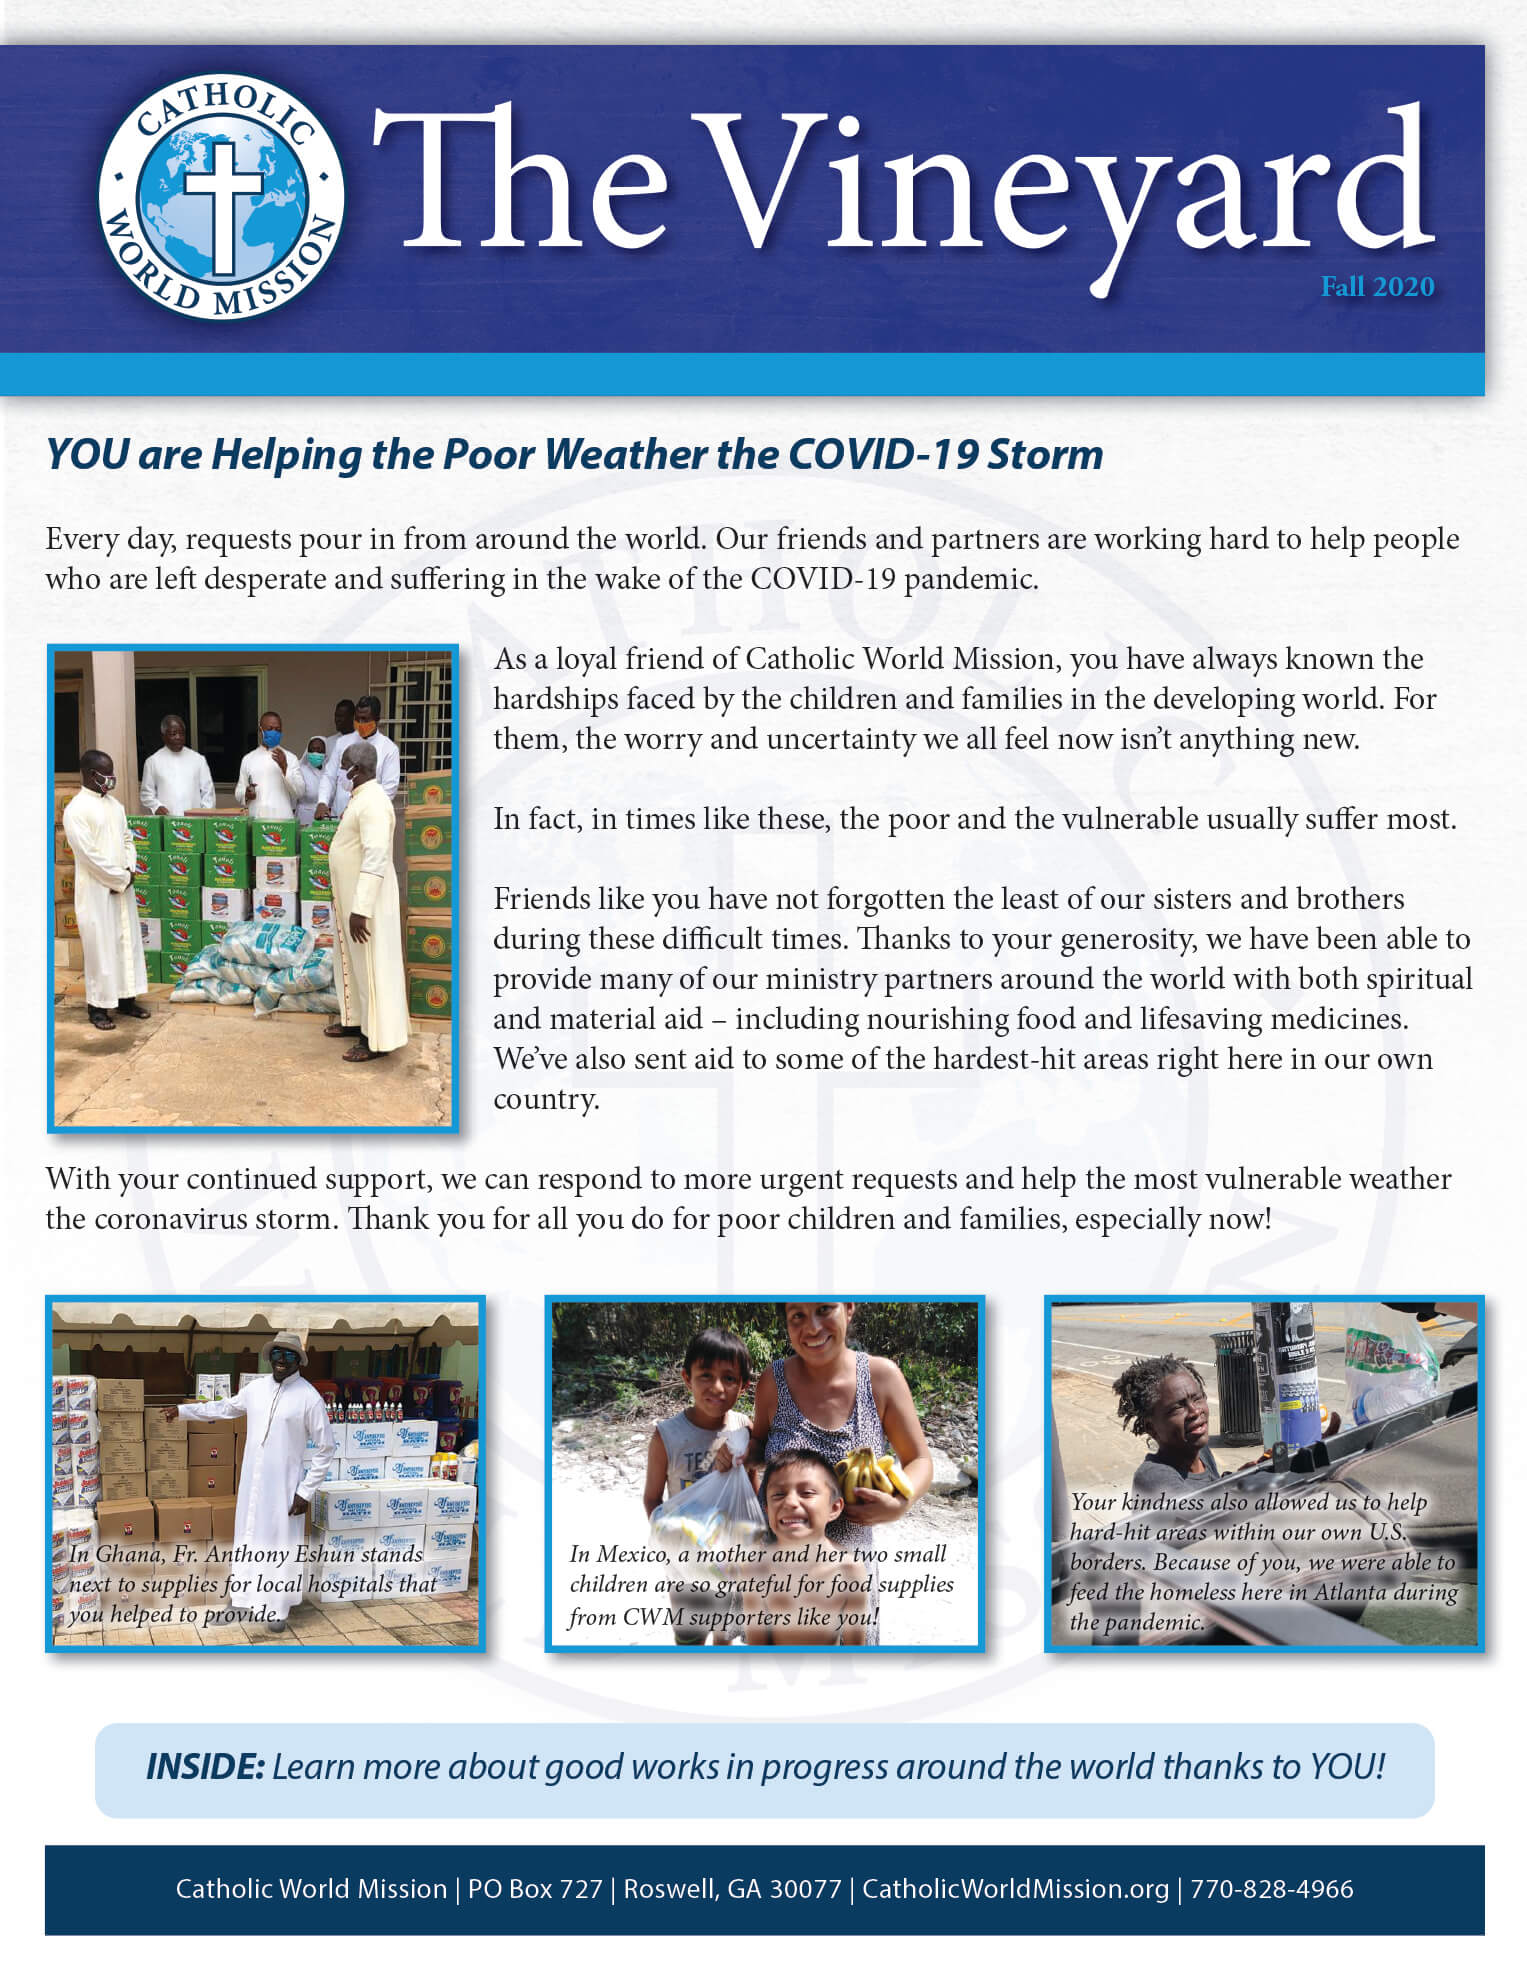 Fall 2020 the Vineyard Newsletter